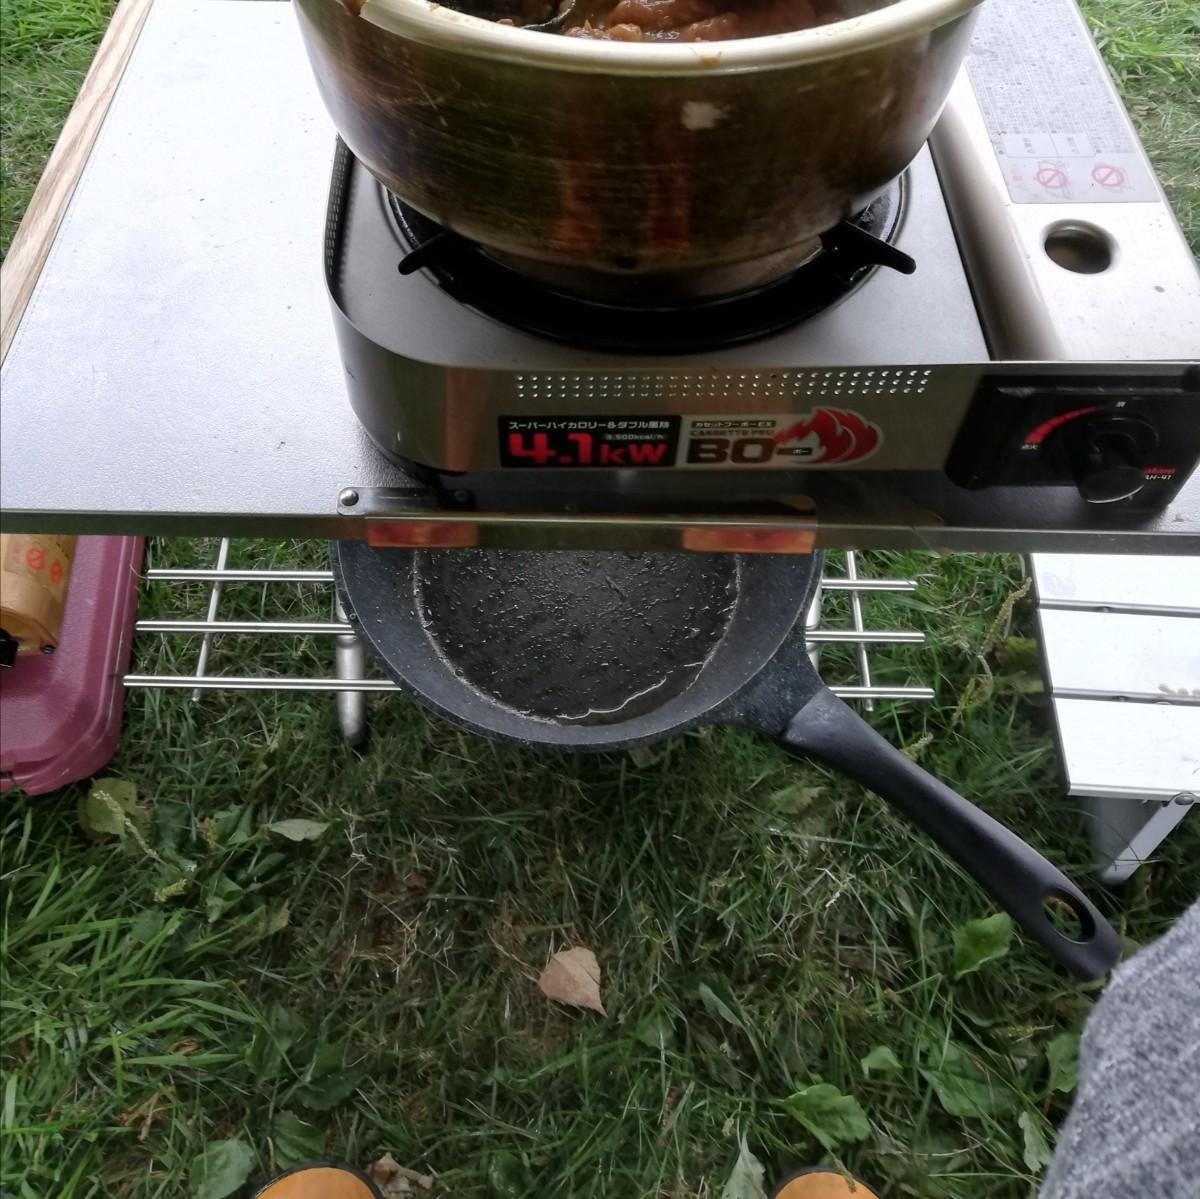 ユニフレーム 焚火テーブル 用 ステンレスラック カスタムパーツ 焚き火テーブル